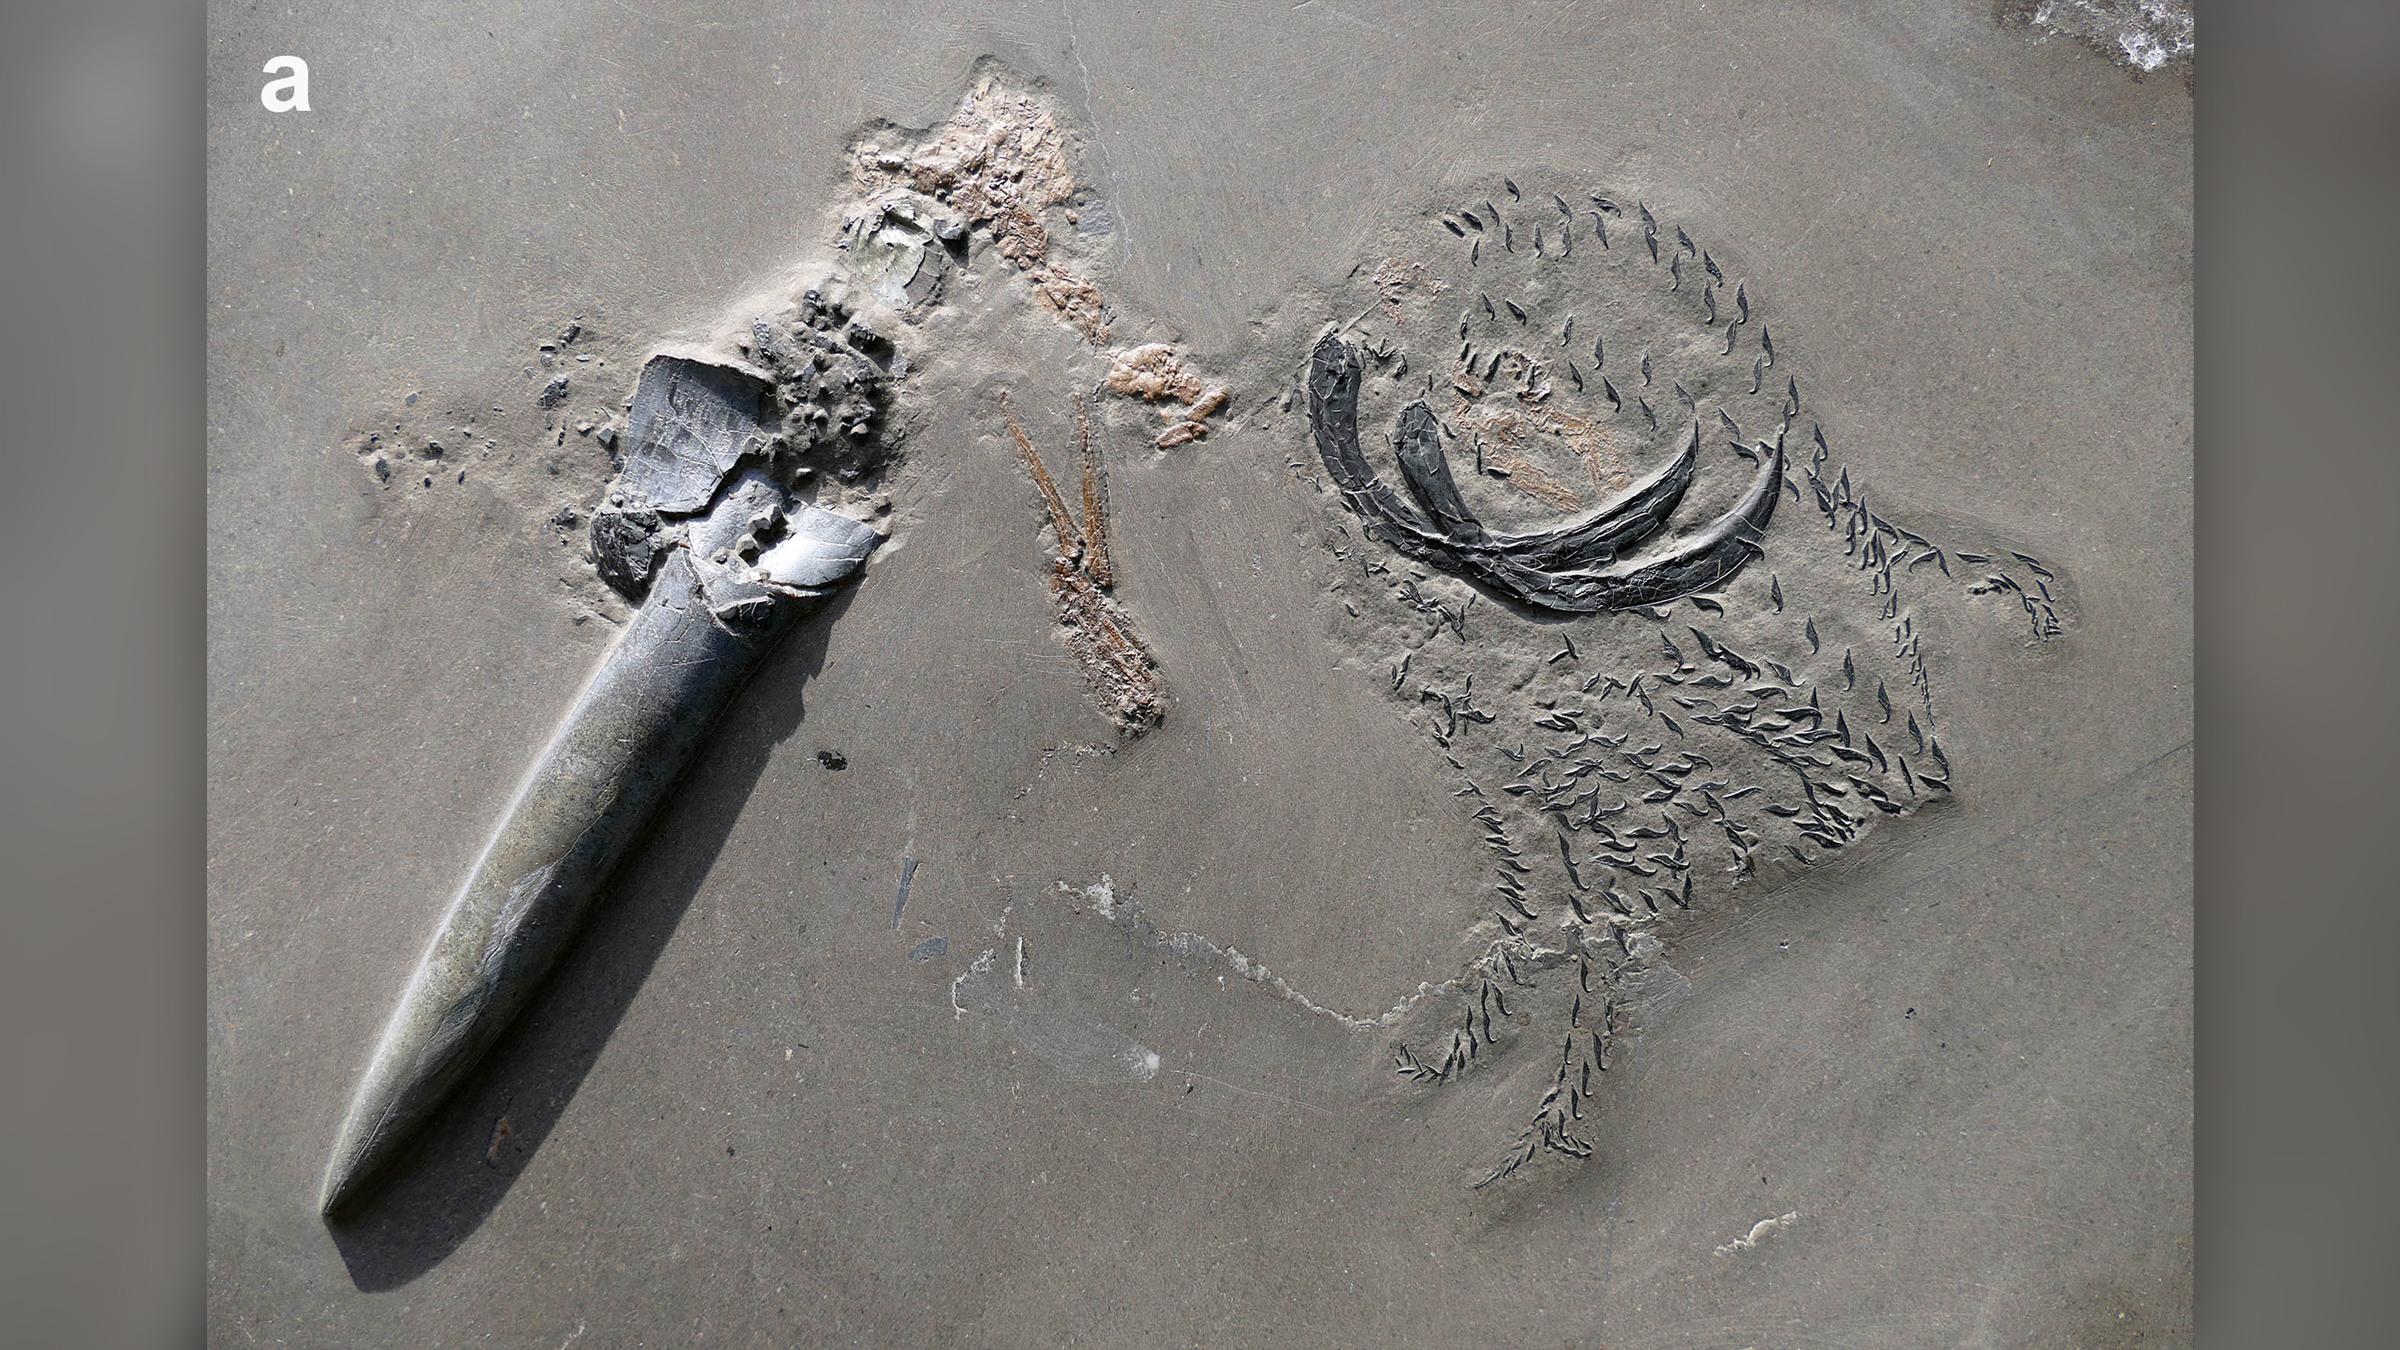 Les restes fossilisés de la bélemnite (Passaloteuthis bisulcata) et du crustacé (Proeryon).